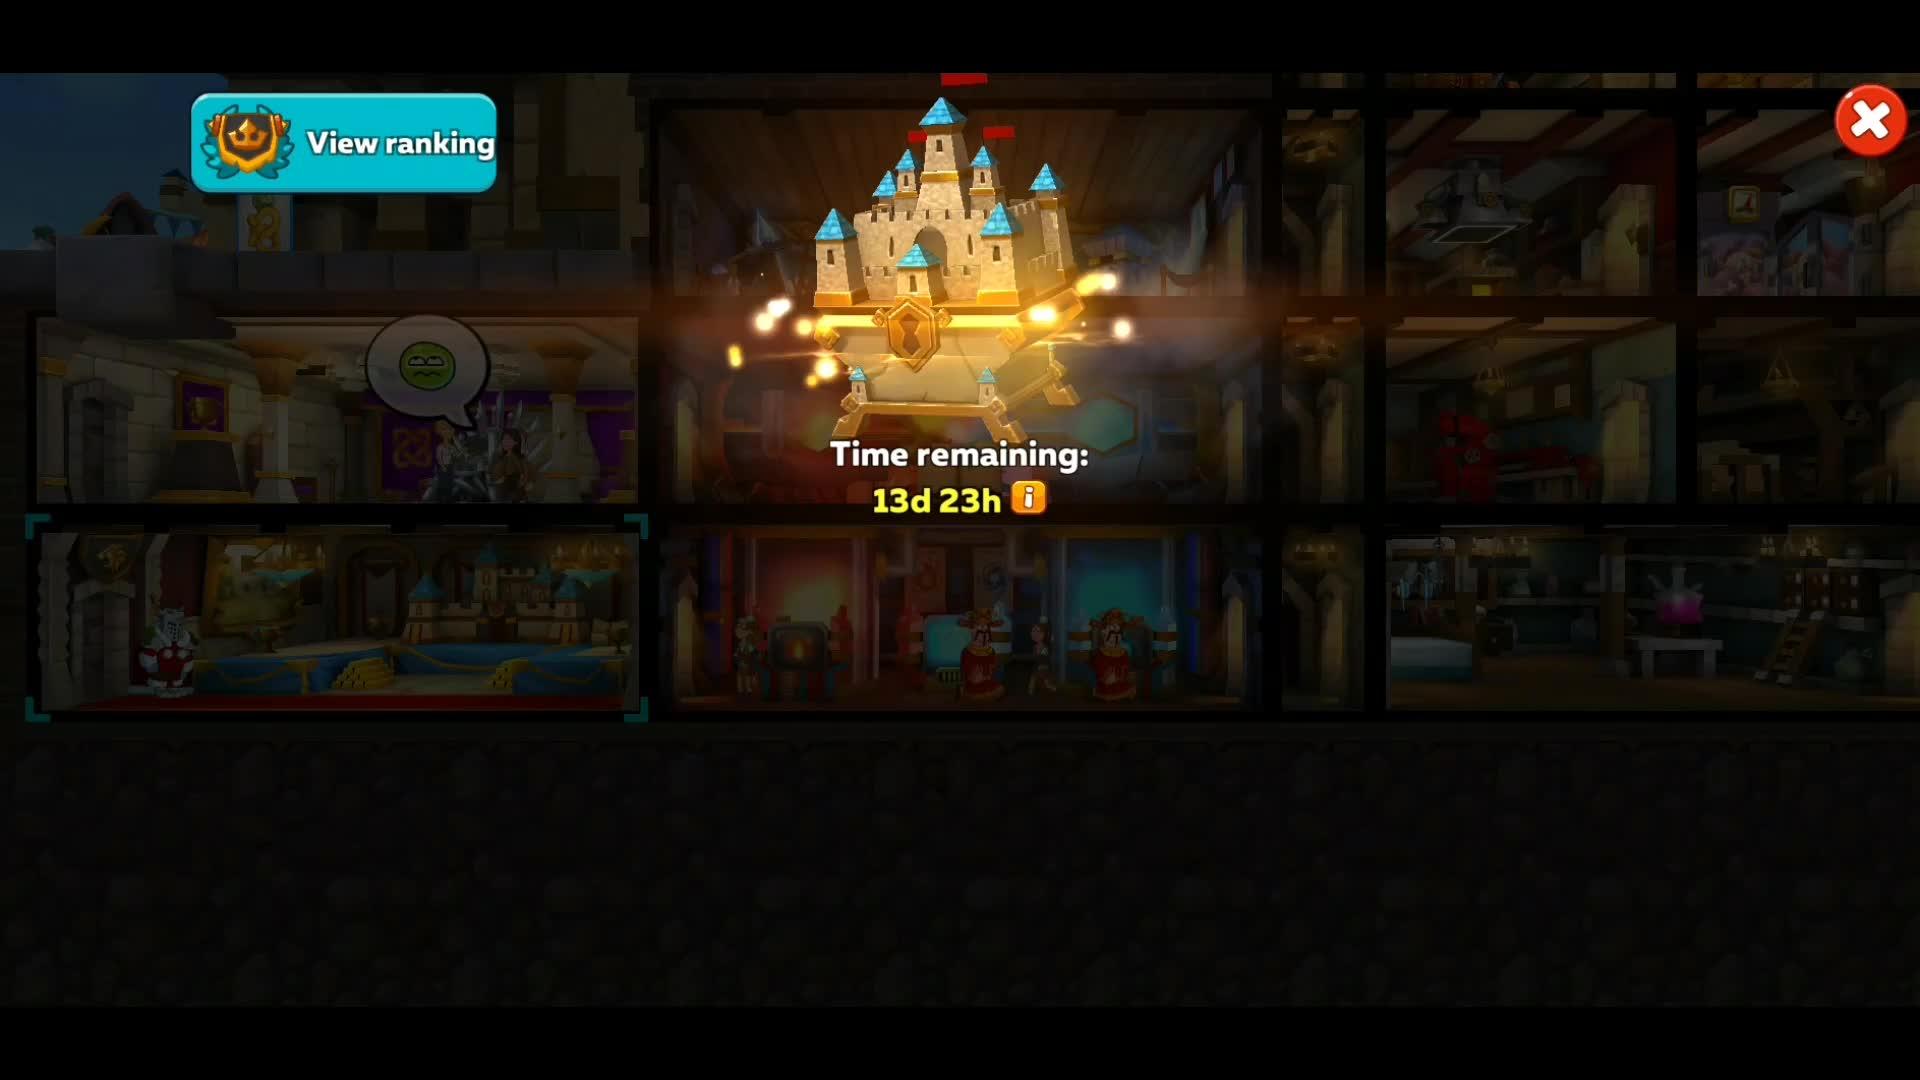 chest, clanwar, cw, fantasykingdom, hustlecastle, item, legendary, loot, opening, reward, Royal Chest #2 GIFs